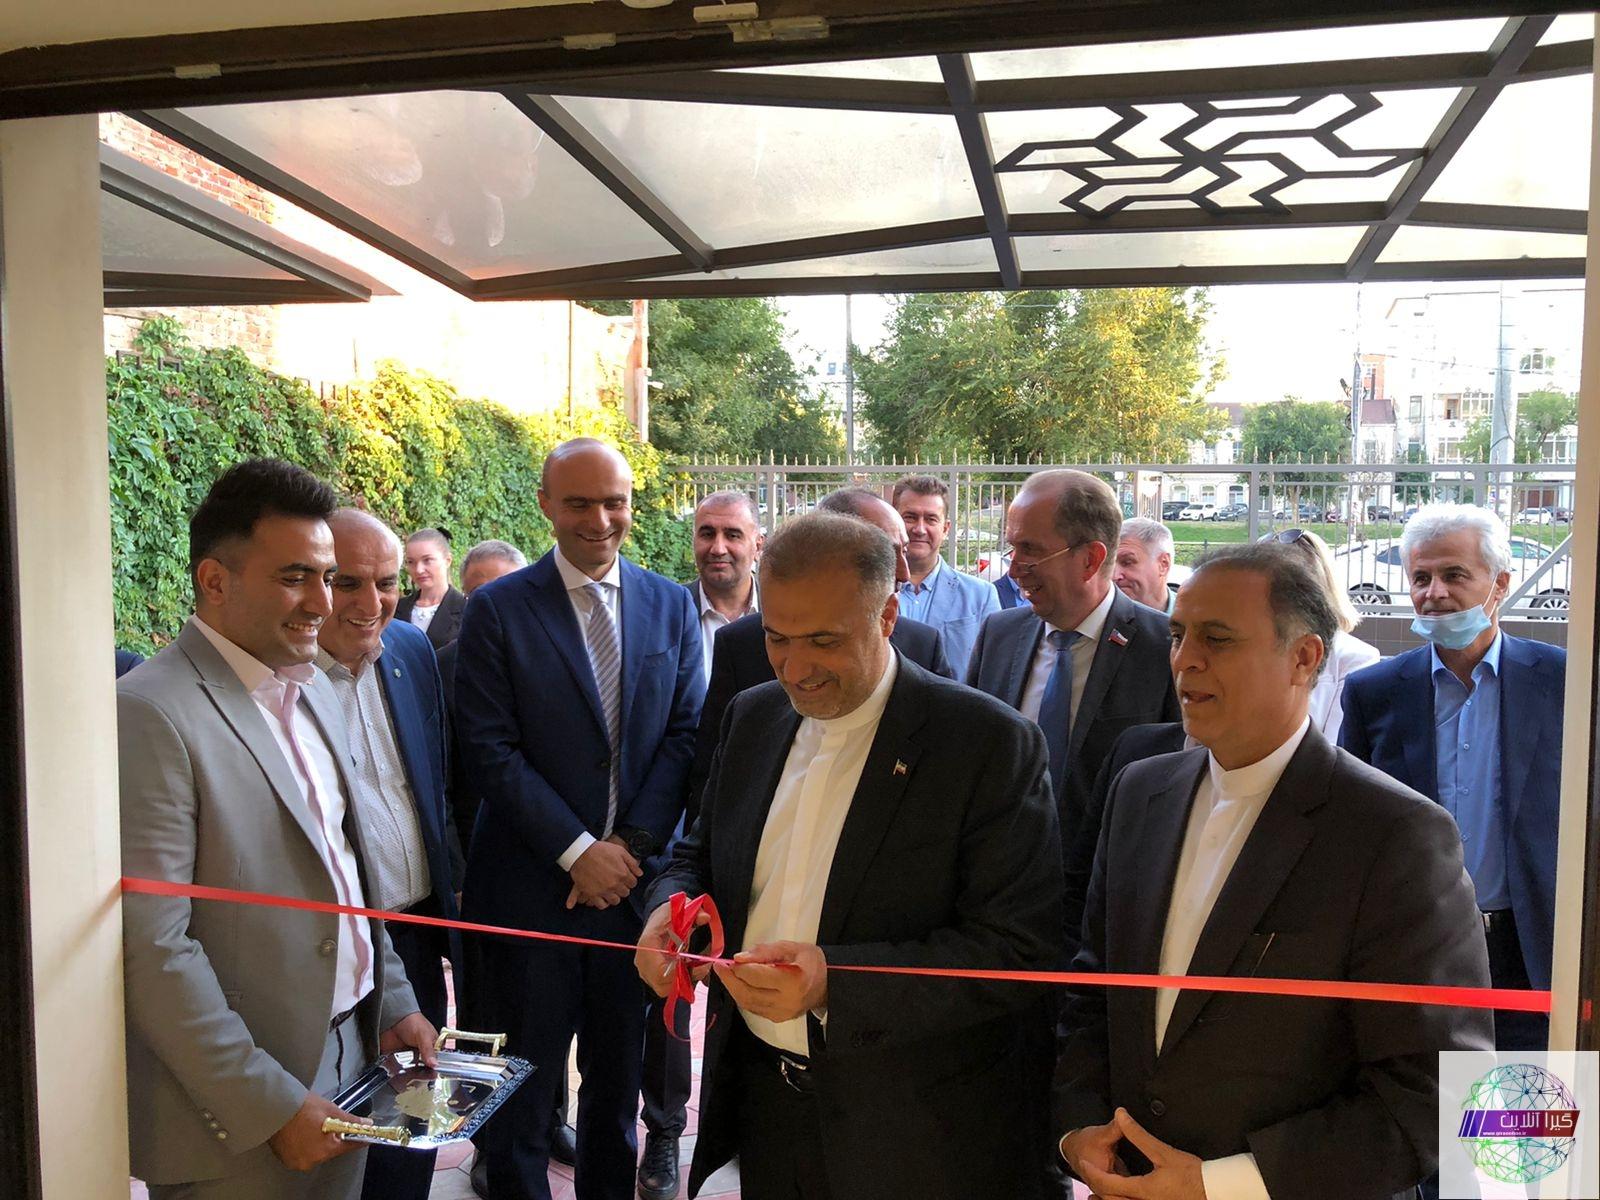 افتتاحیه رسمی فروشگاه خیام در سرای تجاری ایرانیان در استراخان